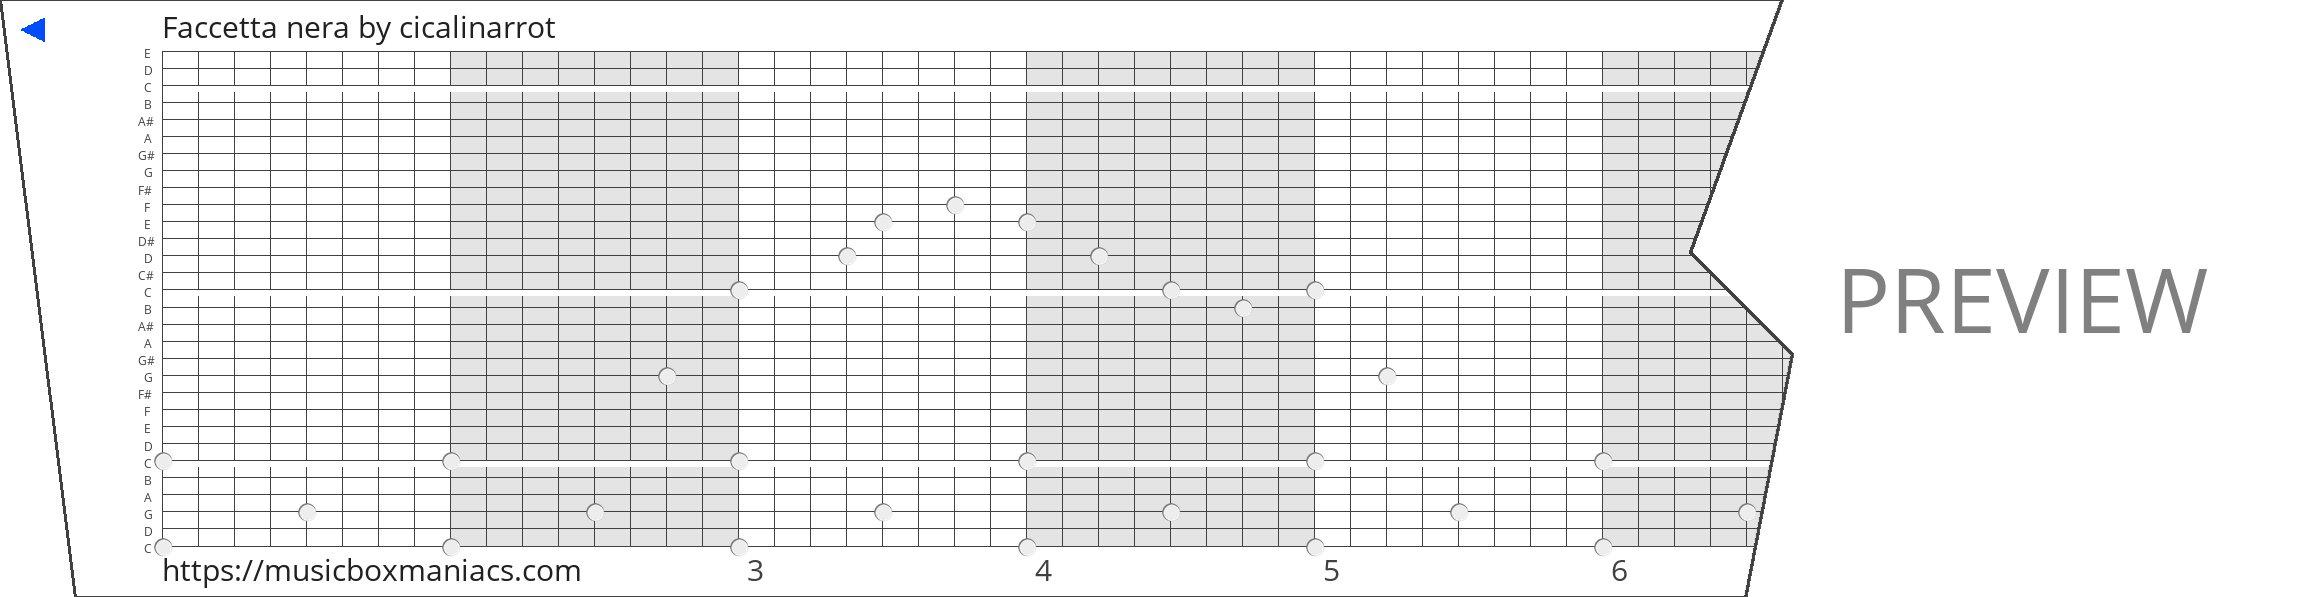 Faccetta nera 30 note music box paper strip